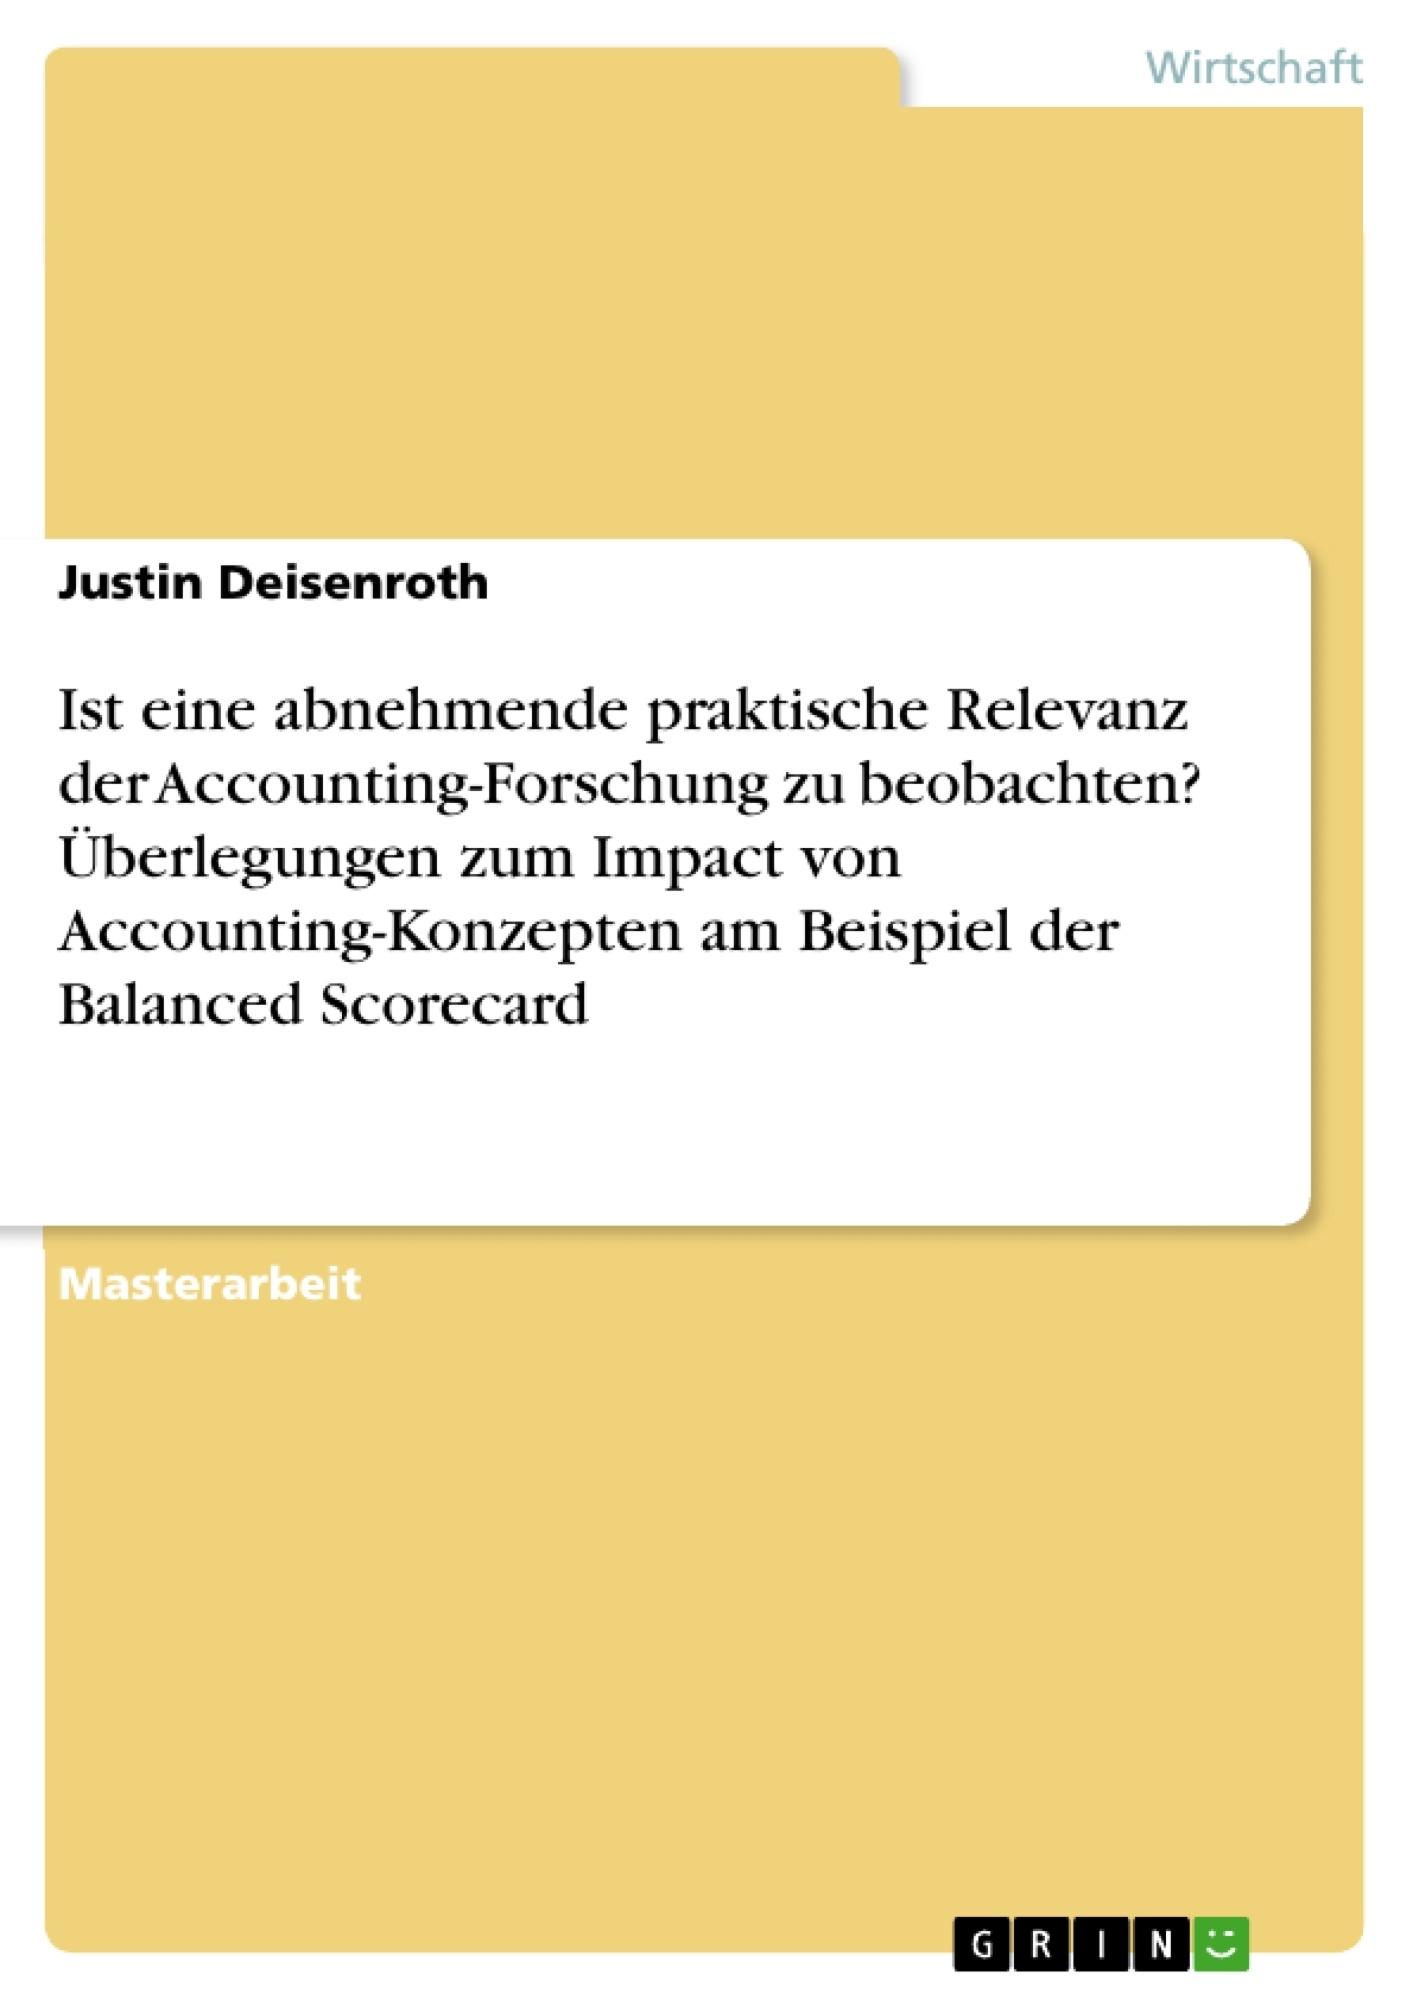 Titel: Ist eine abnehmende praktische Relevanz der Accounting-Forschung zu beobachten? Überlegungen zum Impact von Accounting-Konzepten am Beispiel der Balanced Scorecard